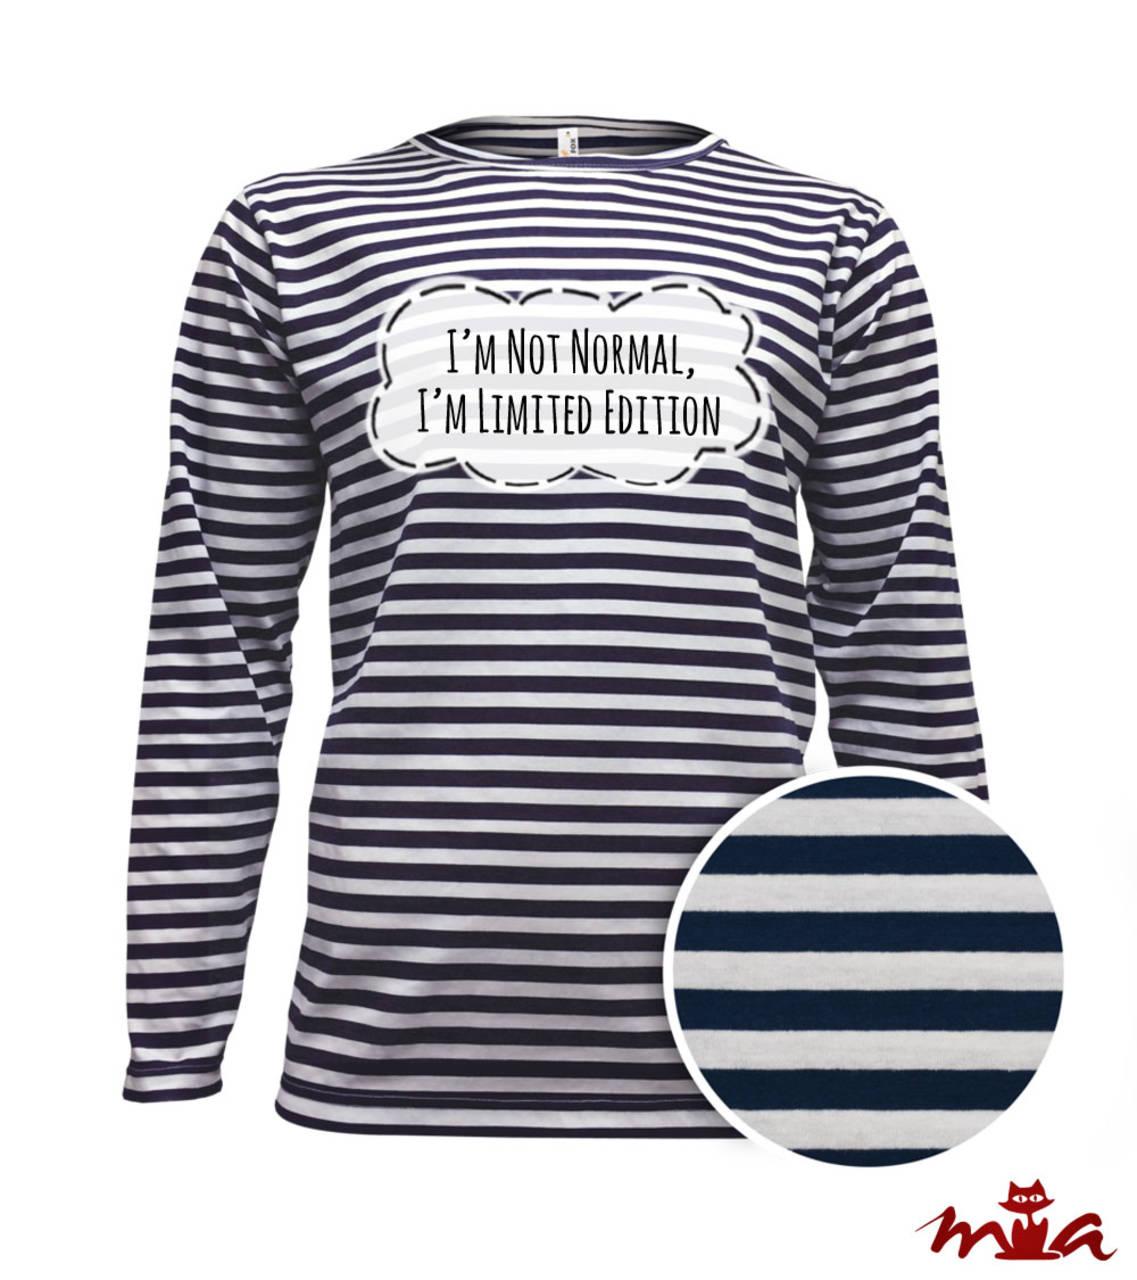 e1e622167962 ... Oblečenie - Pánske dlhorukávové tričko s vlastným nápisom - 8830339  ...